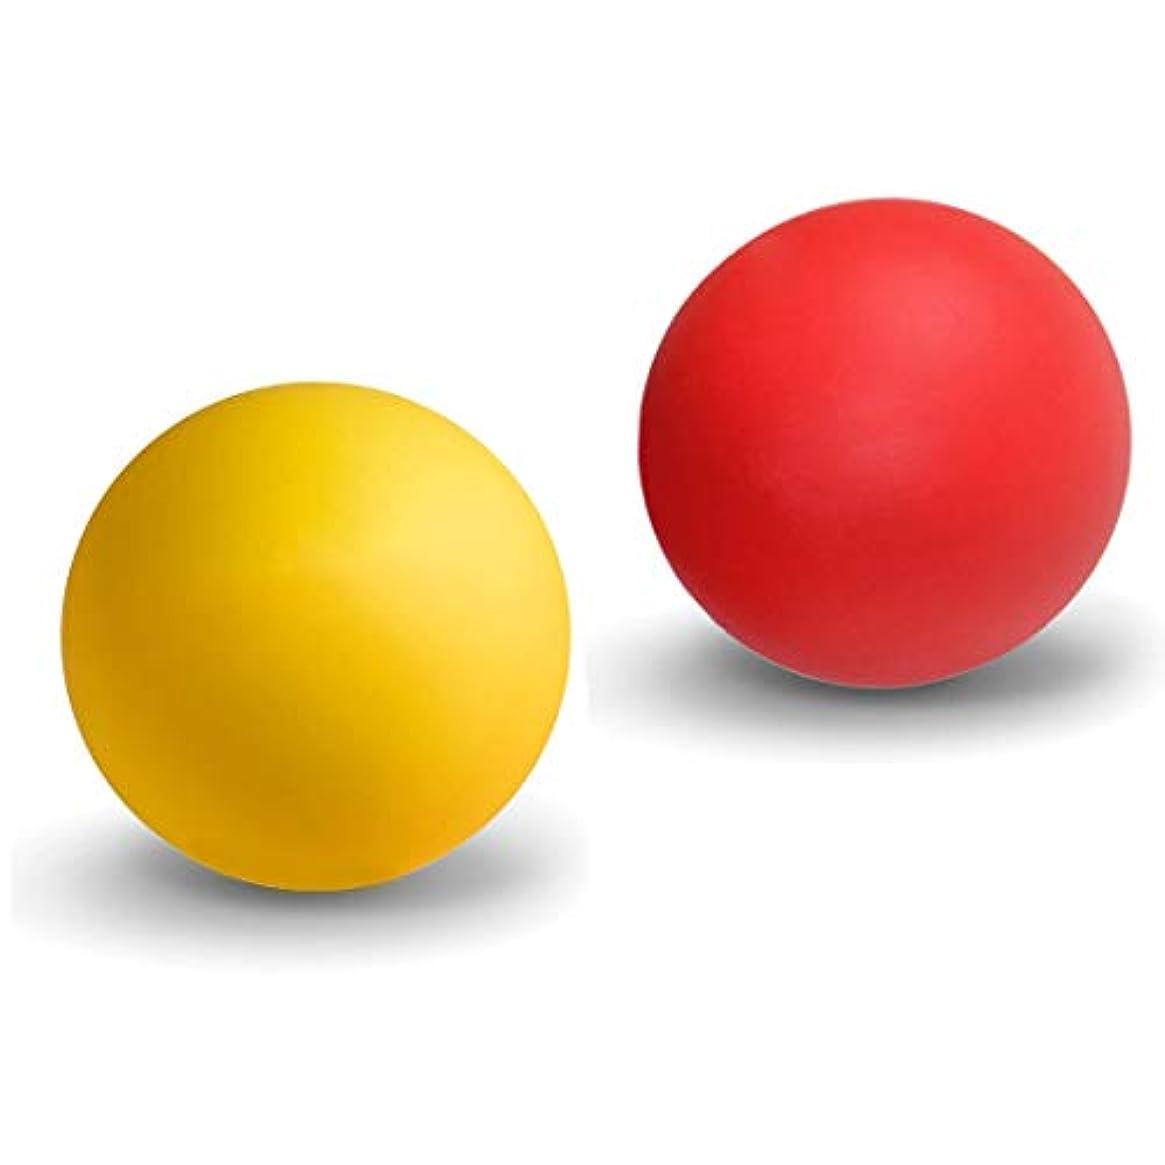 テーブル建築家手伝うマッサージボール ストレッチボール トリガーポイント ラクロスボール 筋膜リリース トレーニング 指圧ボールマッスルマッサージボール 背中 肩こり 腰 ふくらはぎ 足裏 ツボ押しグッズ 2で1組み合わせ 2個 セット